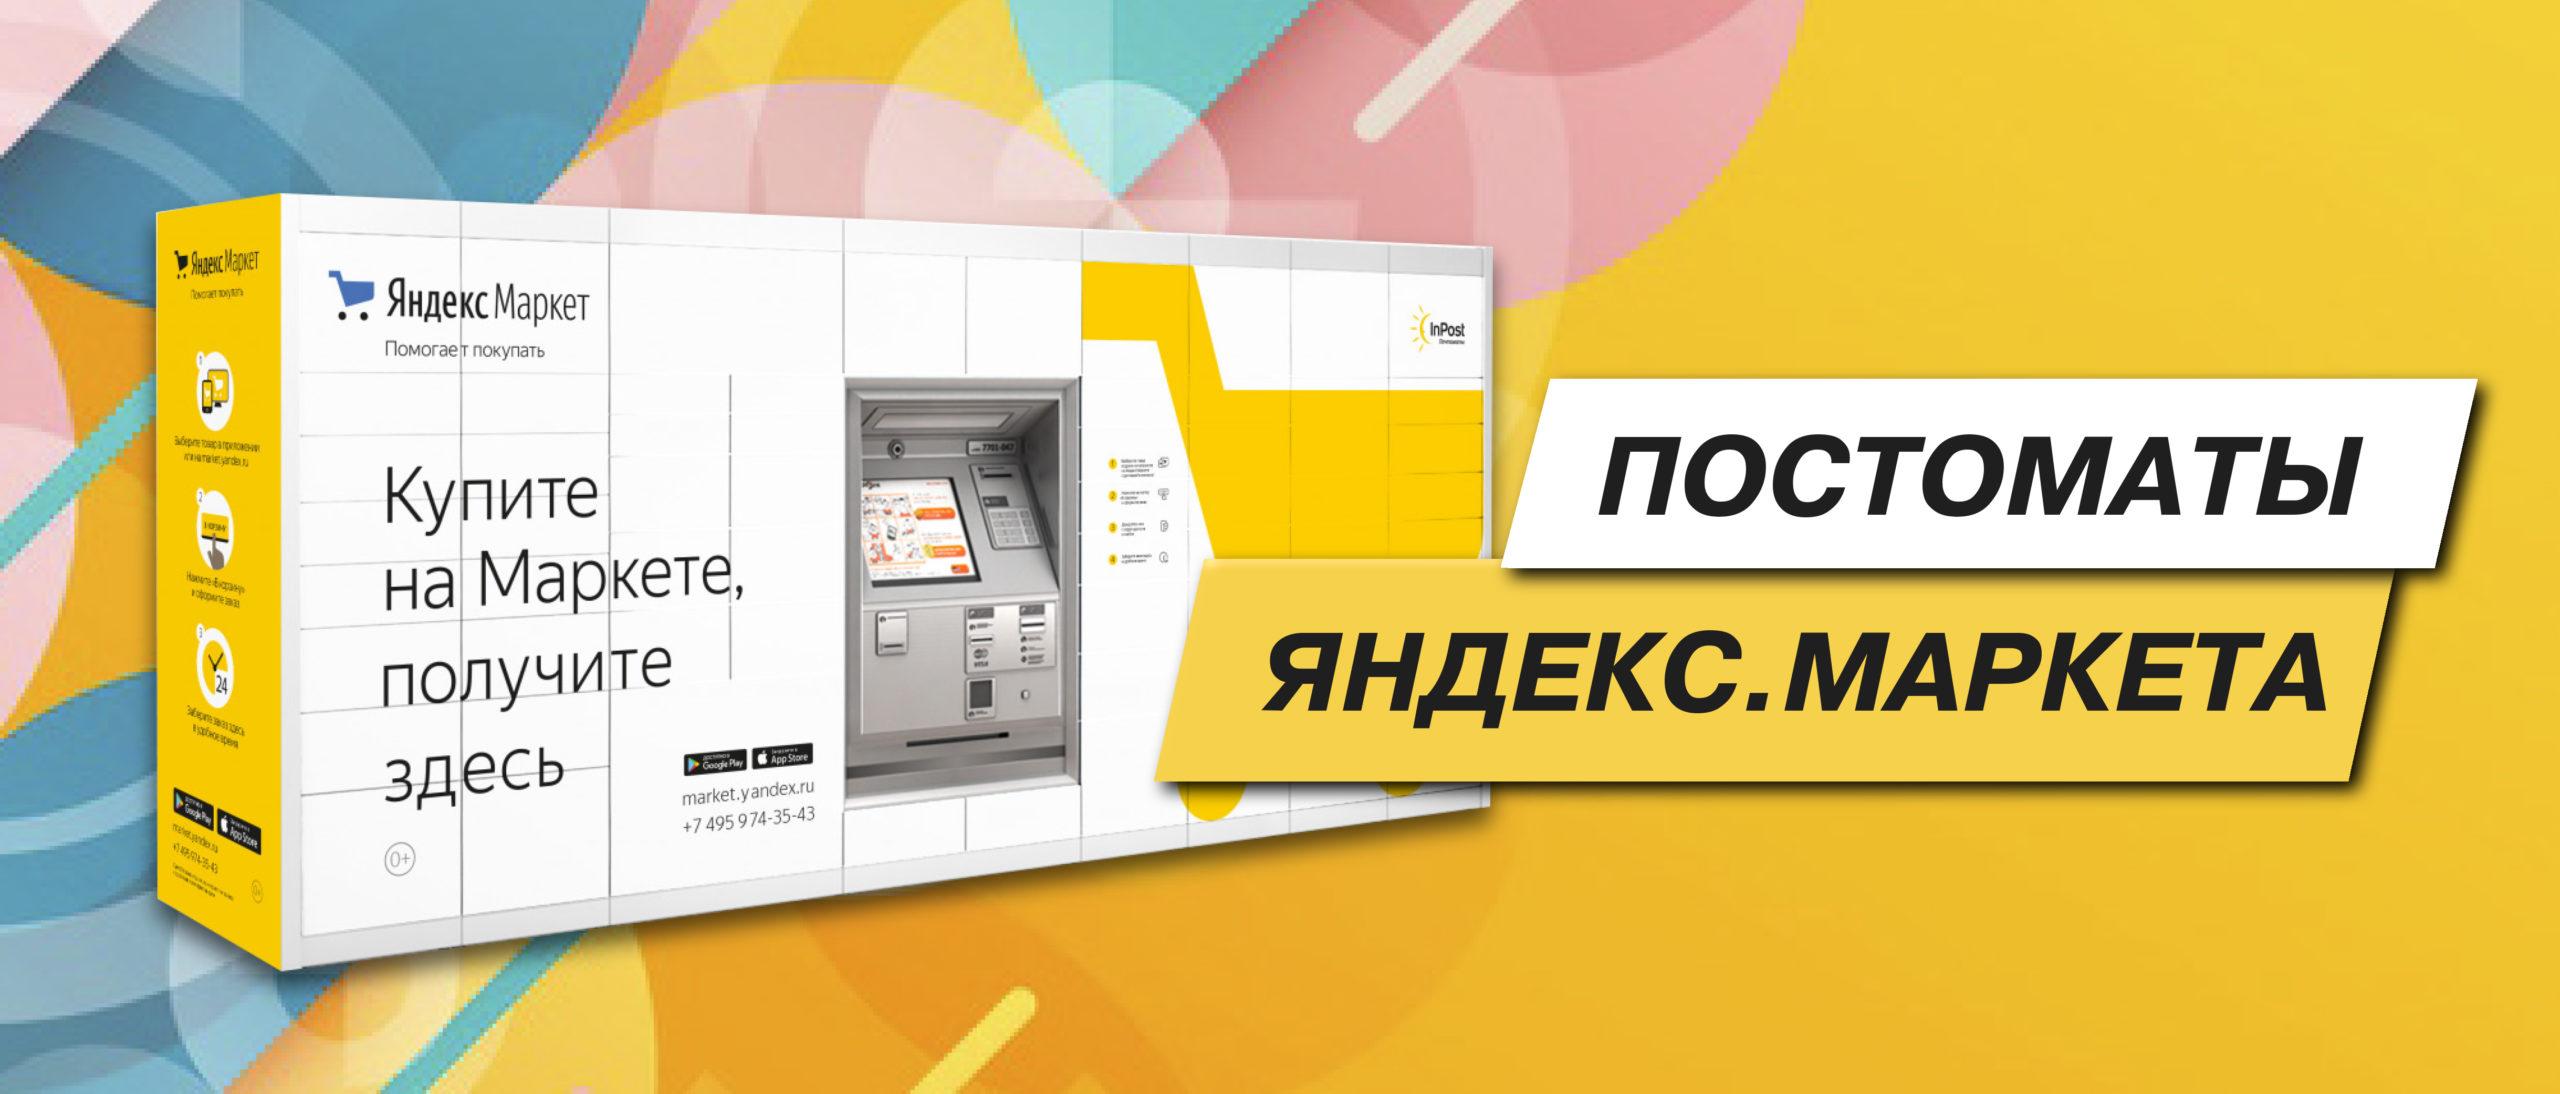 Постоматы Яндекс Маркет